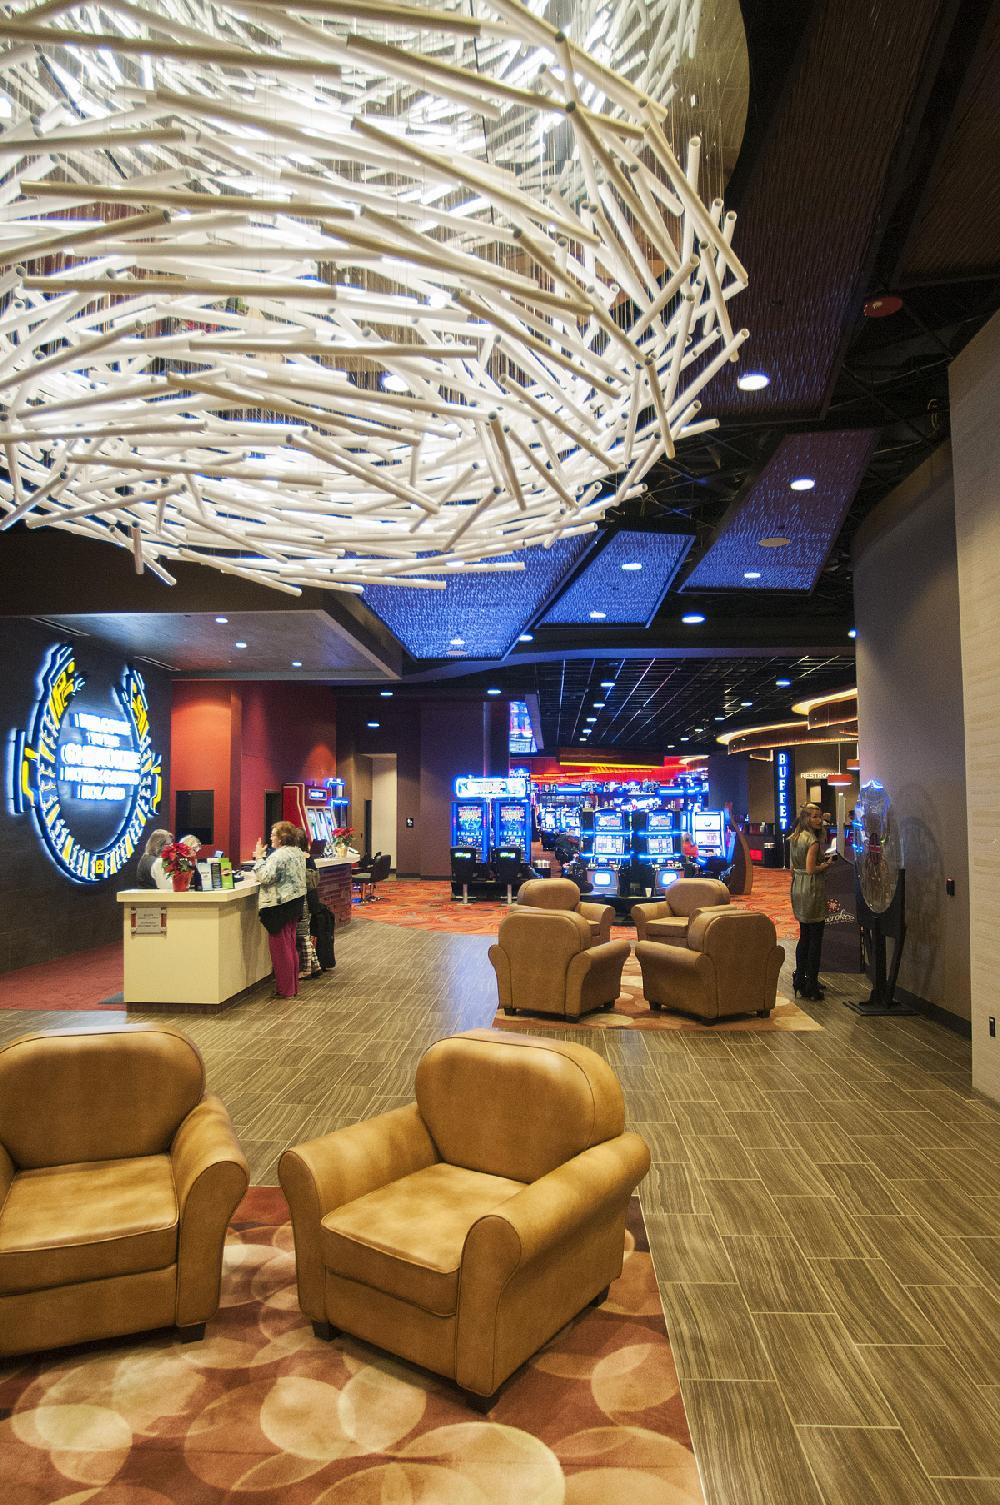 Cheerokee casino 15